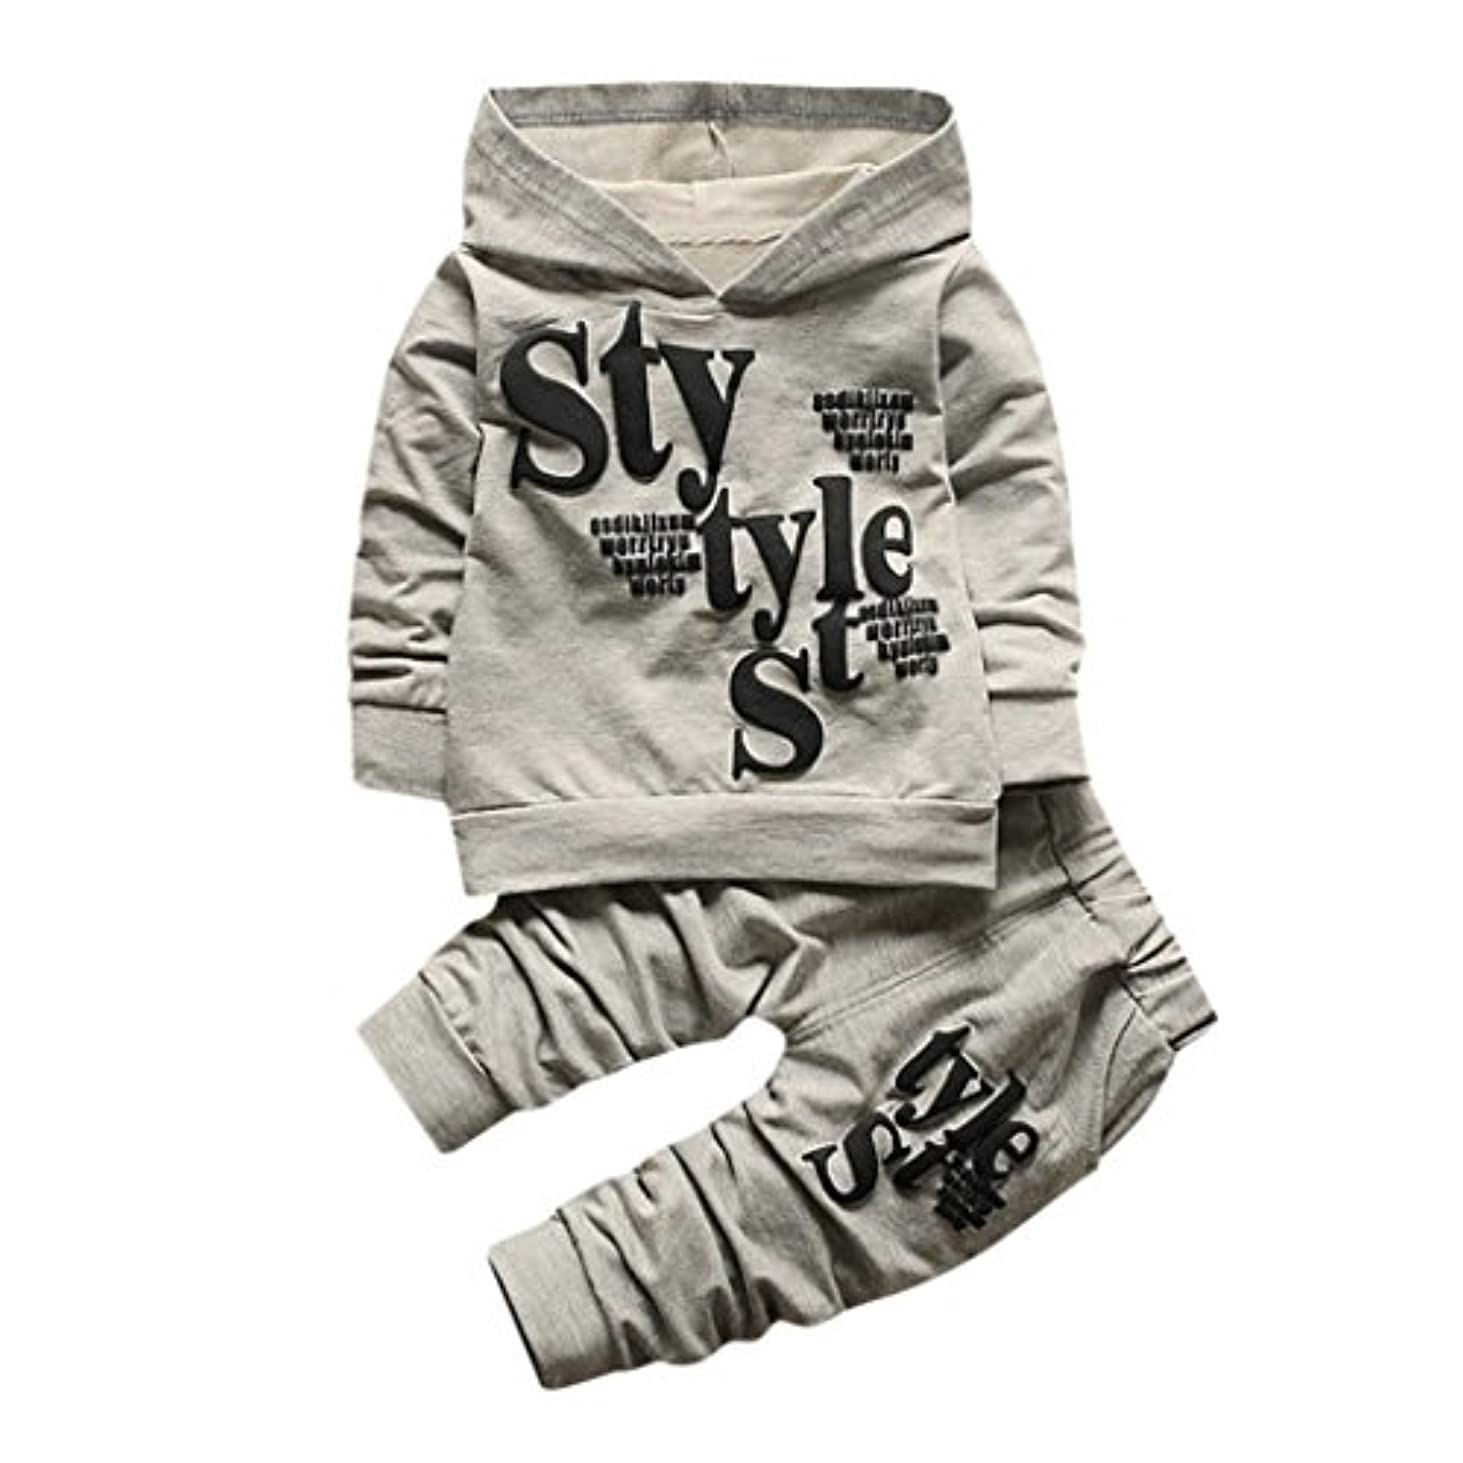 アンカーロデオ凍結パーカー+ズボン Tシャツ スウェット 子供服 赤ちゃん服 上着+パンツ2点セット かっこいい ベビー服 ロンパース カバーオール 男の子 女の子 ファッション